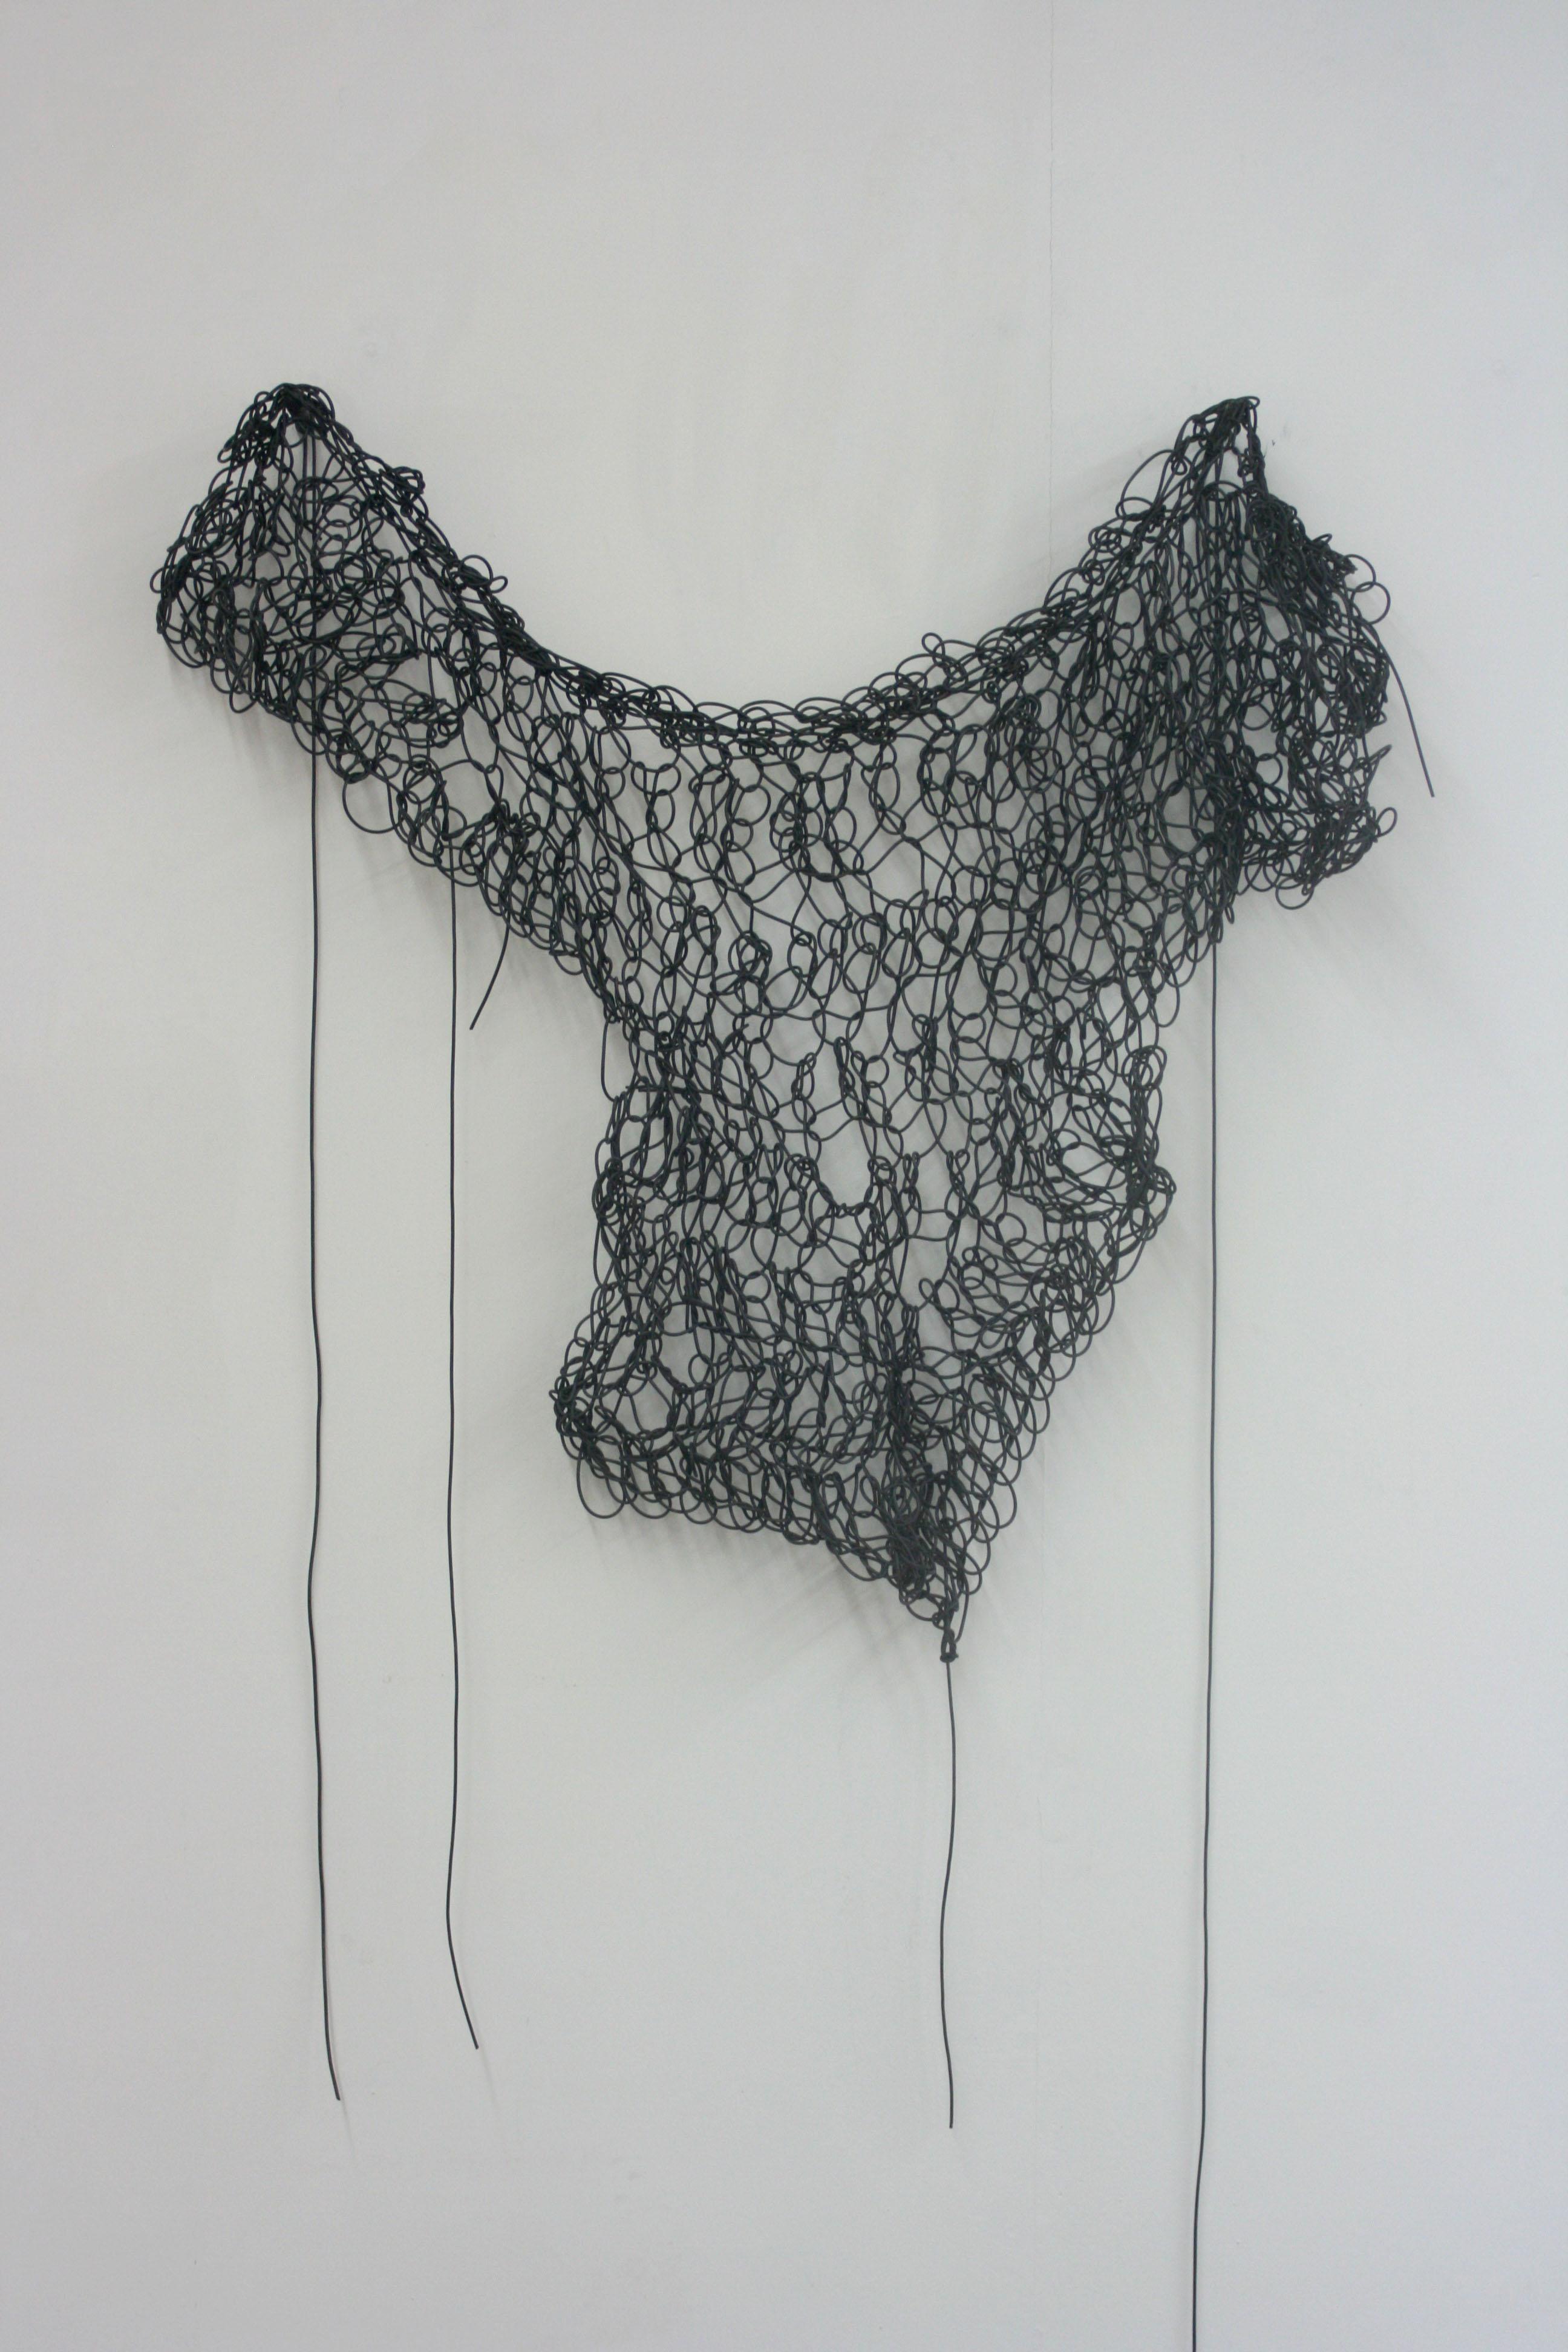 Weaving Lines, 2013